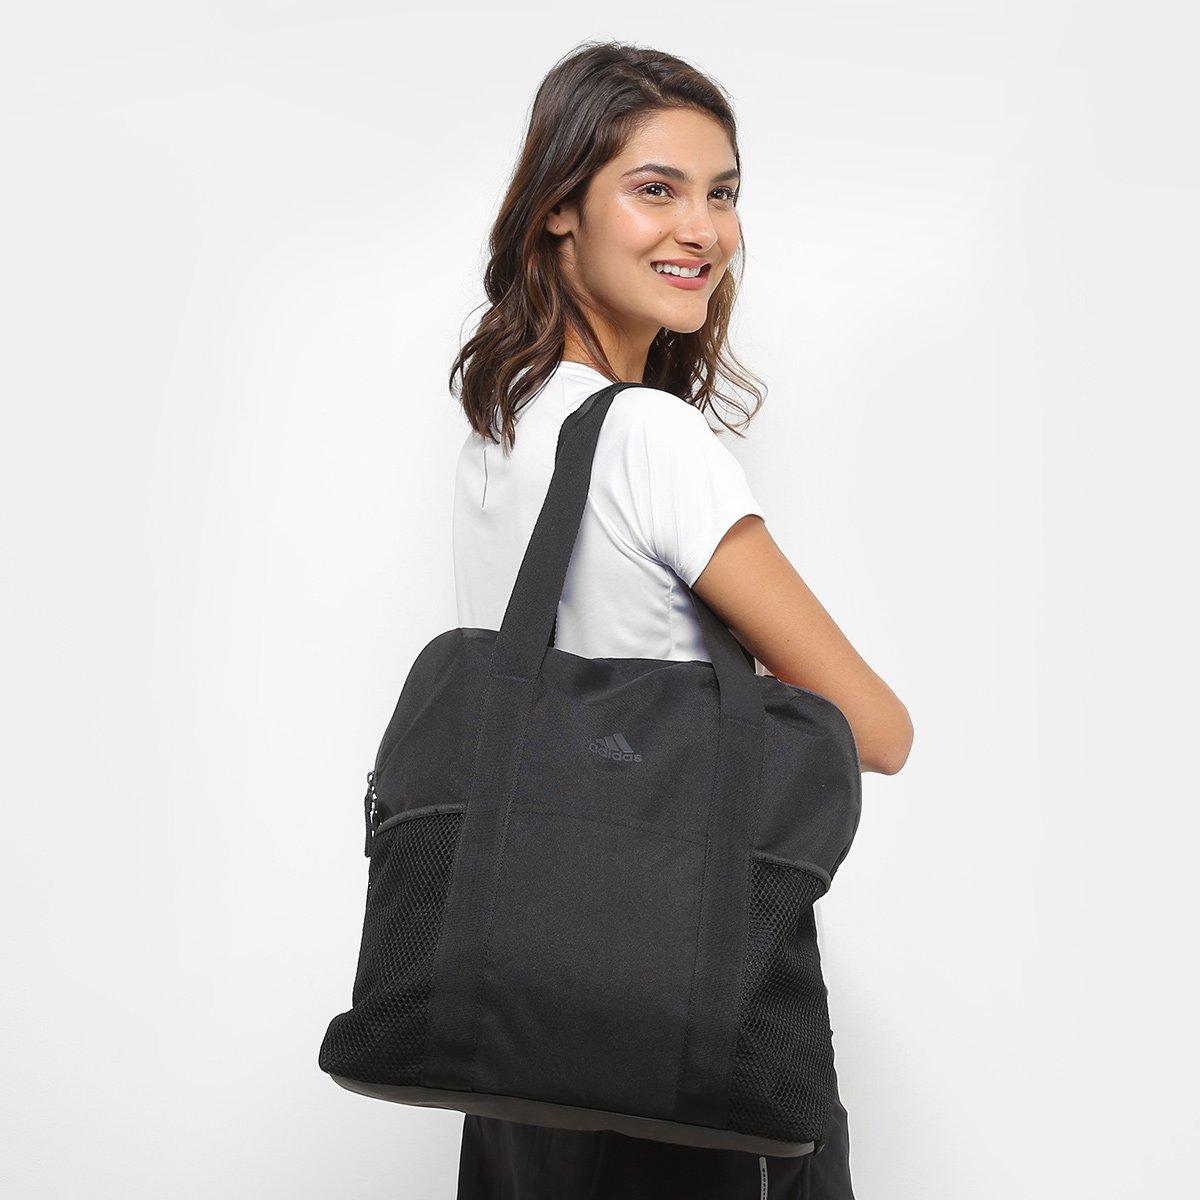 0659005c9 Bolsa Adidas Tote Core Feminina   Livelo -Sua Vida com Mais Recompensas